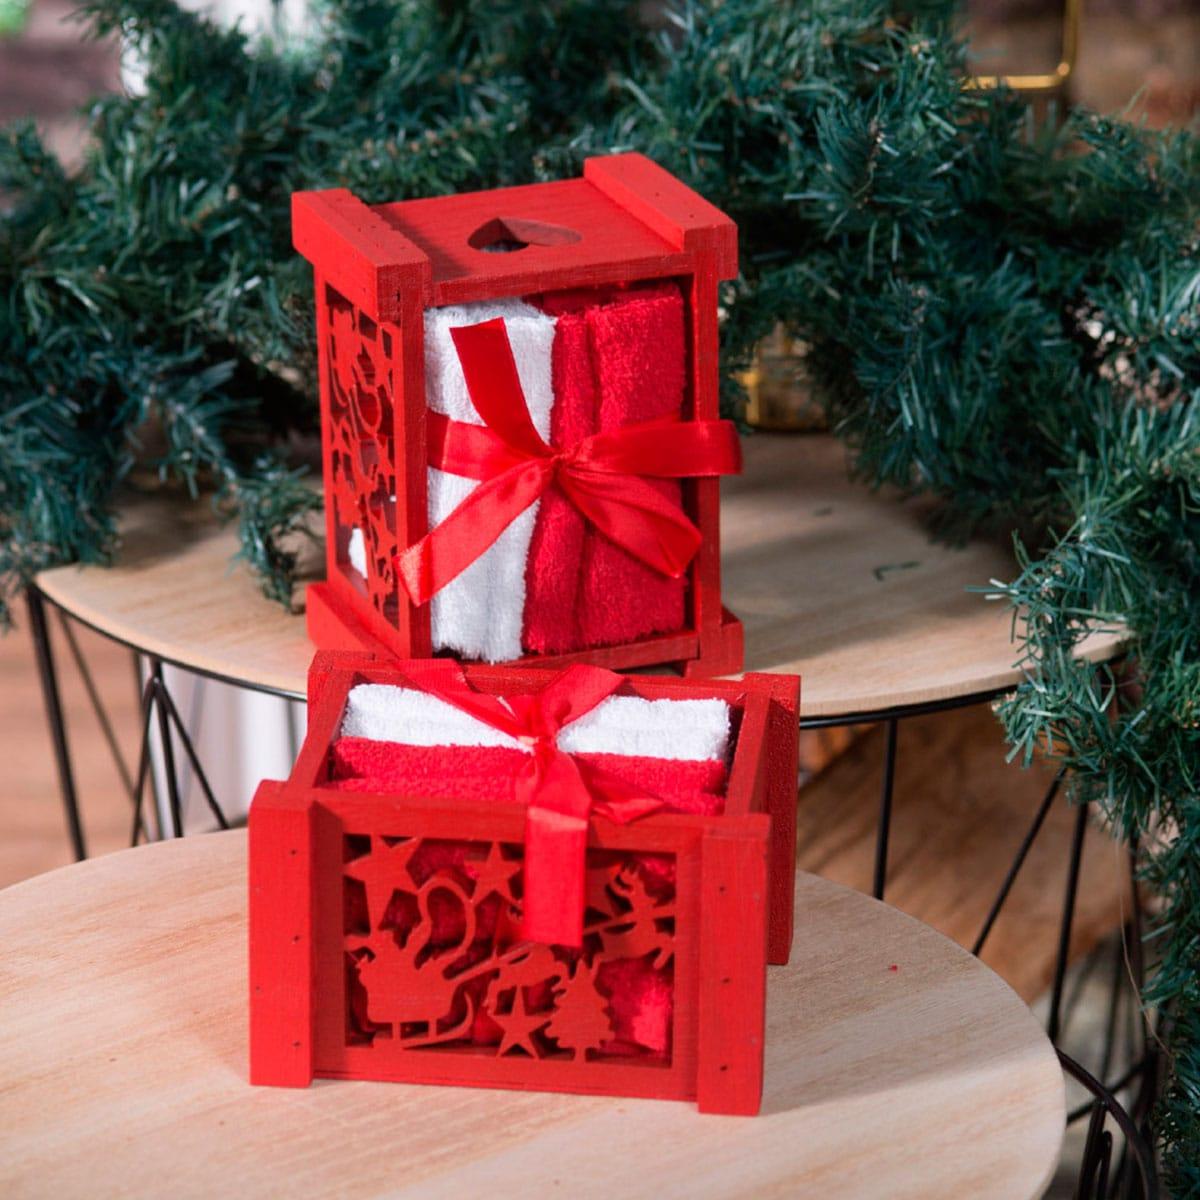 Λαβέτες Σετ 4τμχ Σε Χριστουγεννιάτικο Ξύλινο Κουτί Box 1011 Red-White Teoran Σετ Πετσέτες